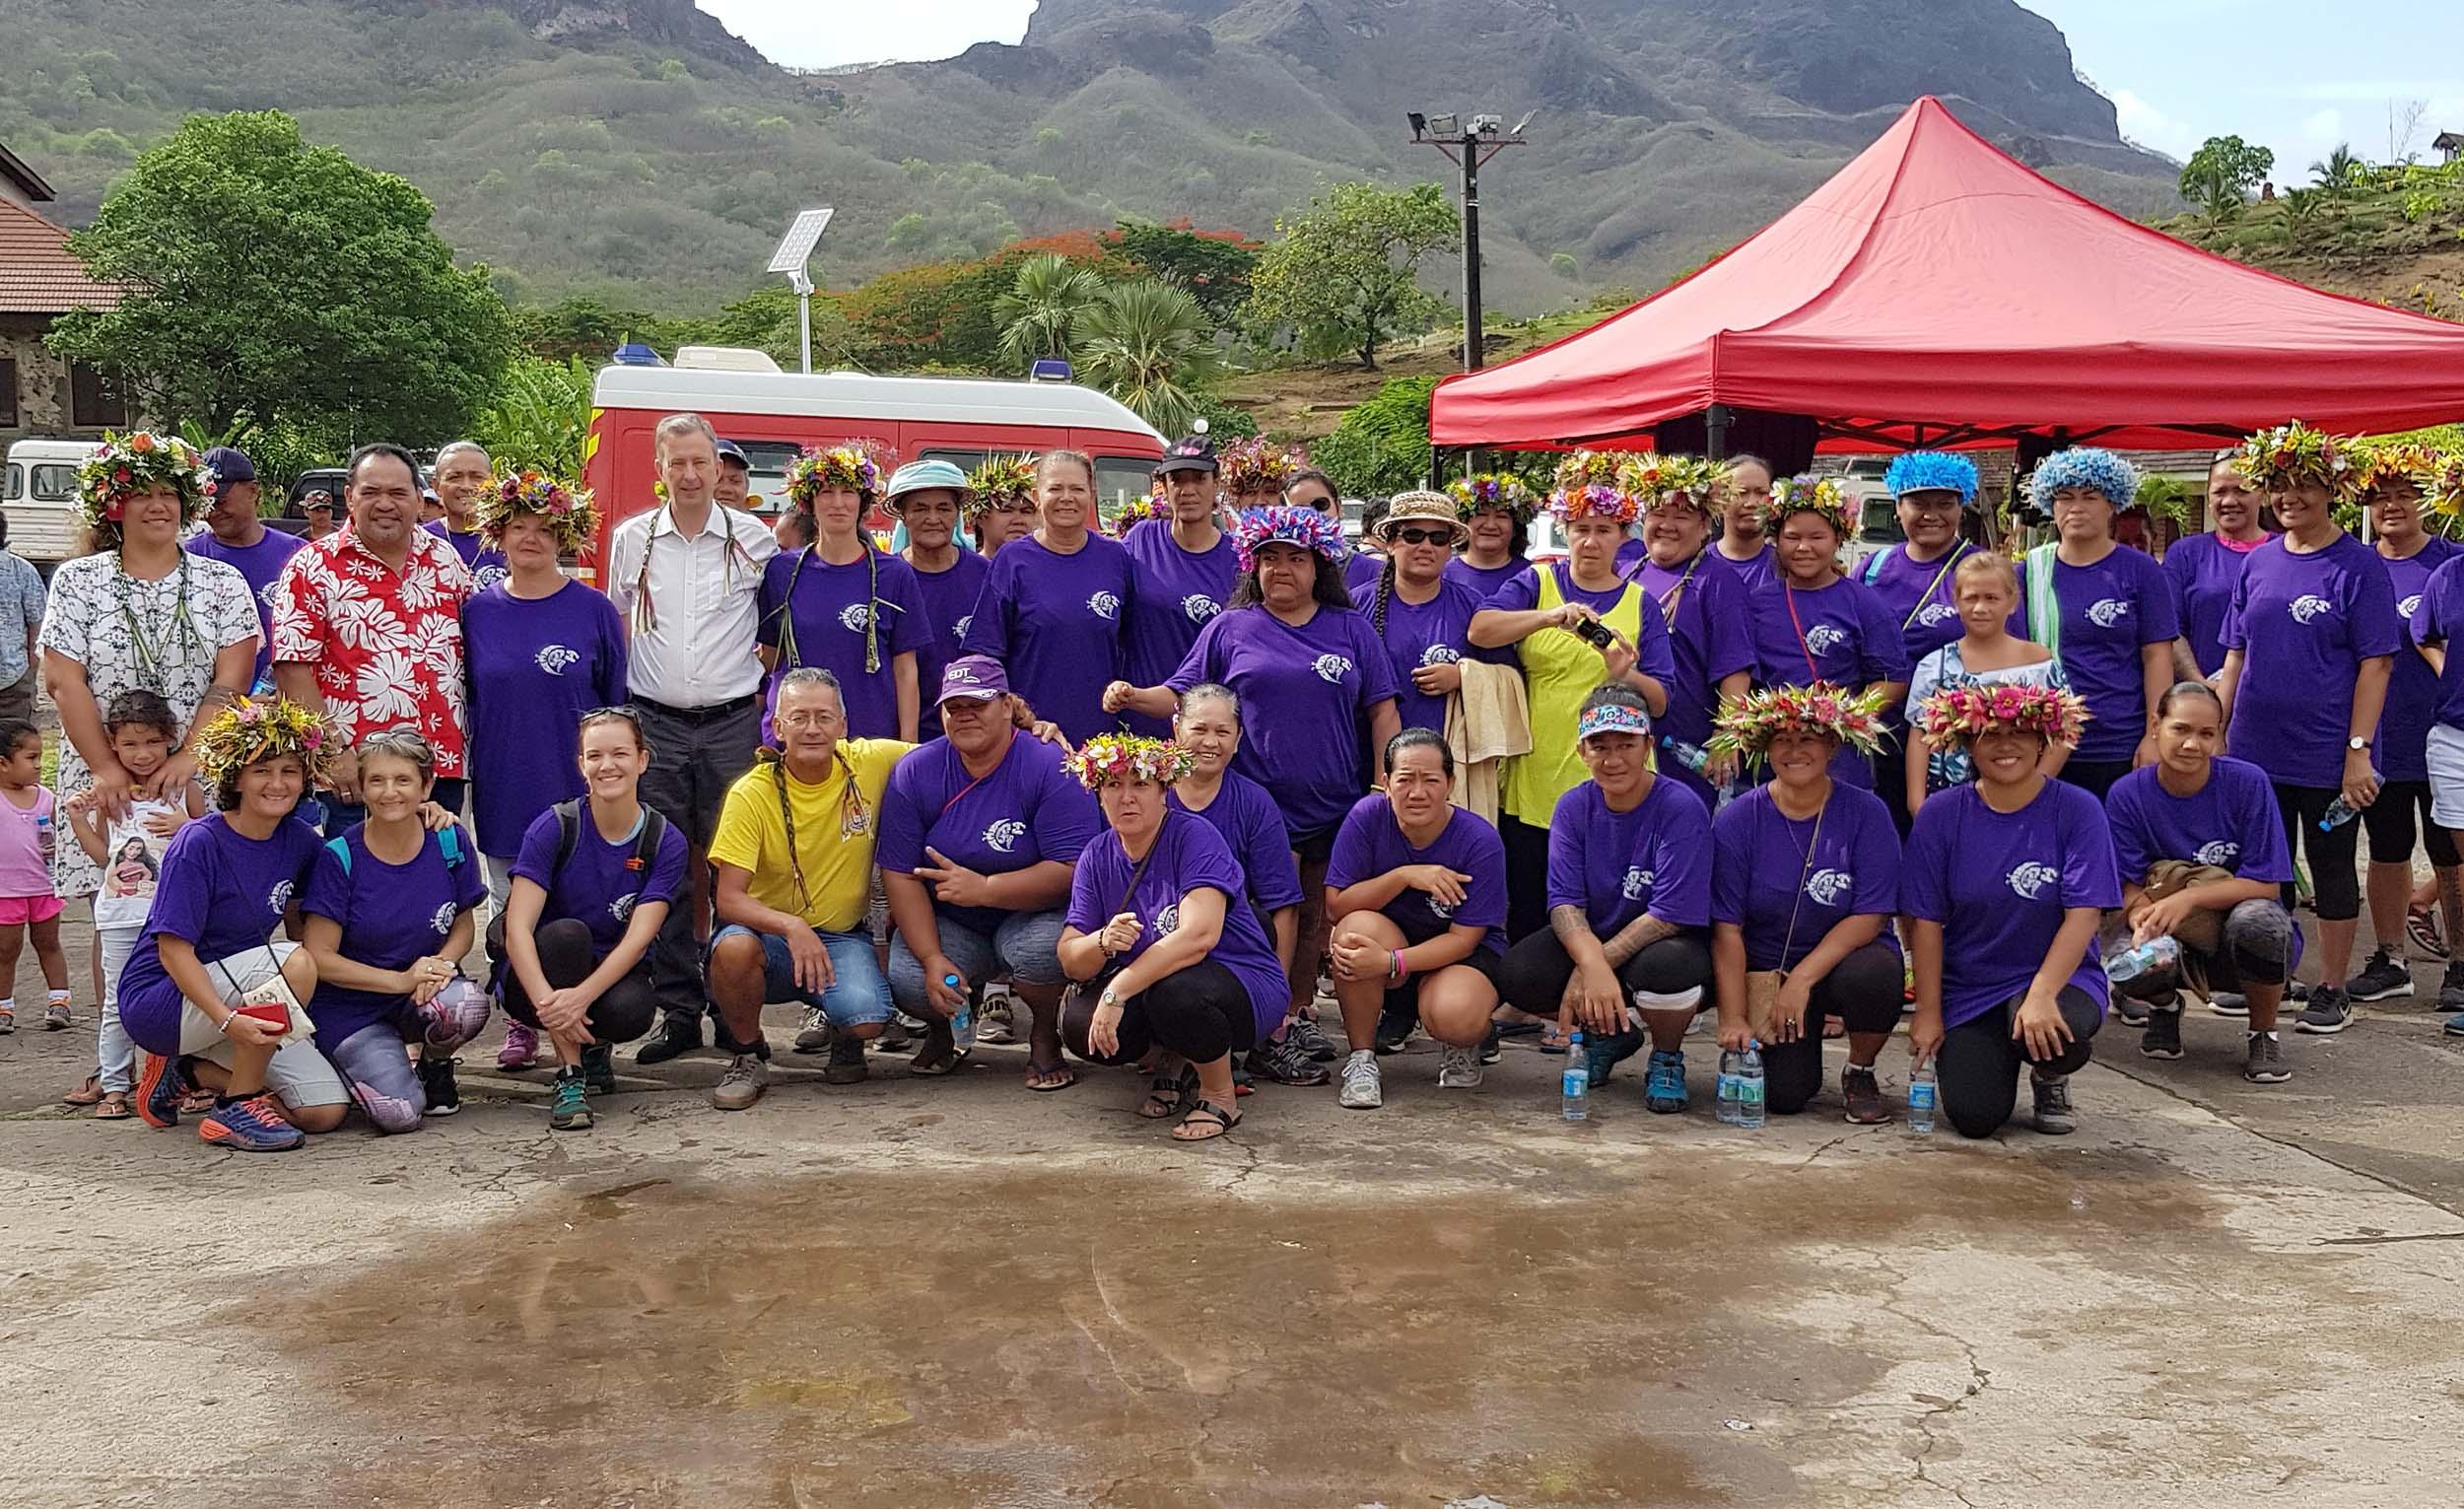 Une journée de la femme sportive à Nuku Hiva